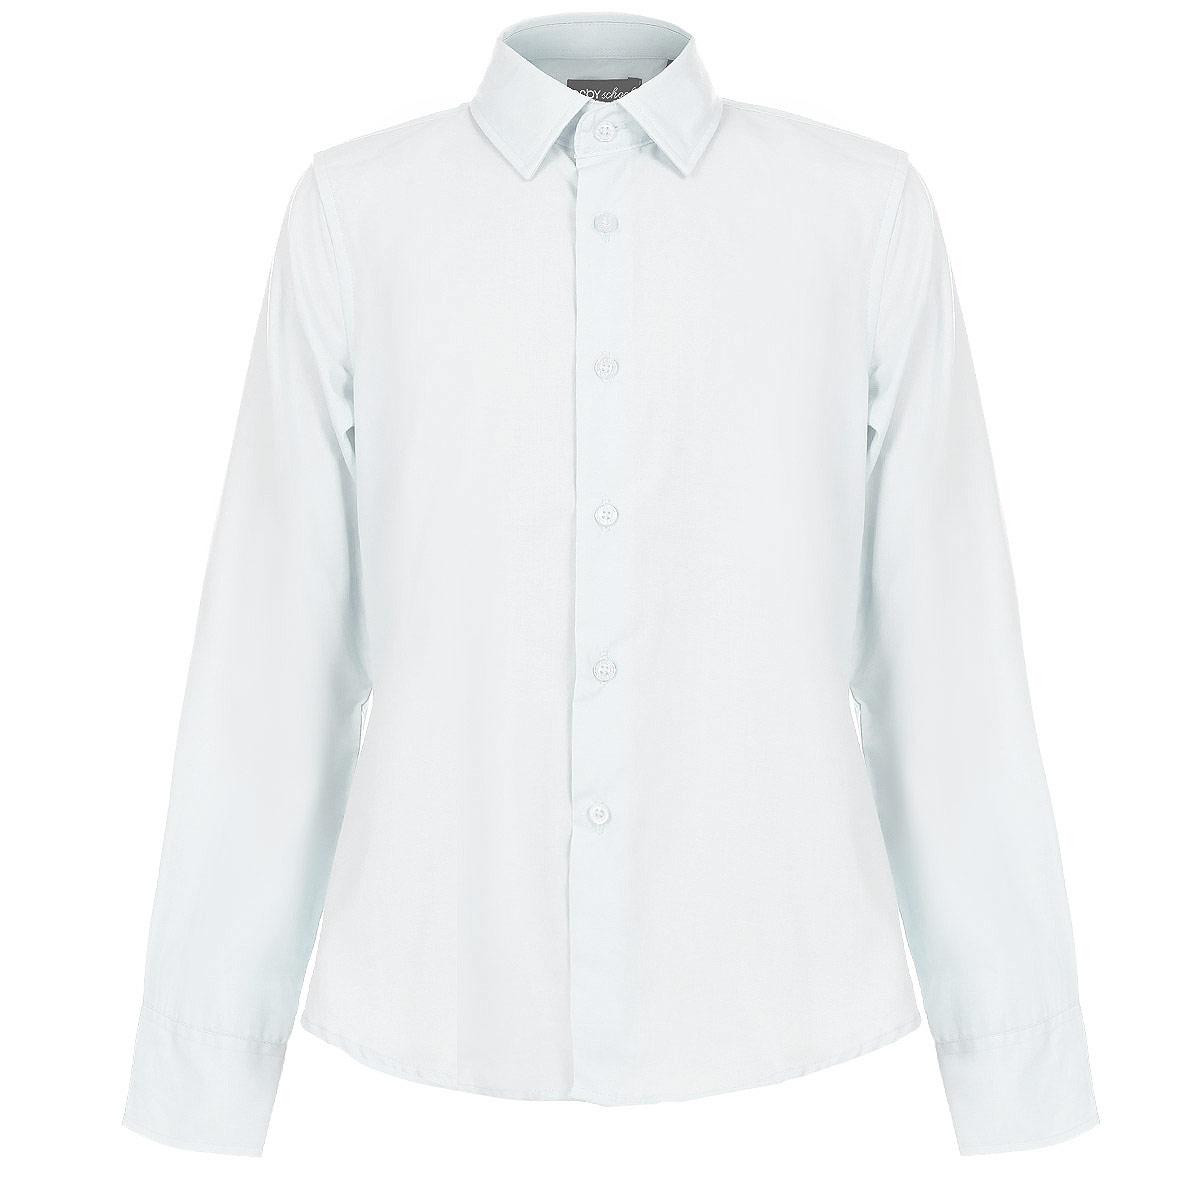 Рубашка для мальчика. 63032_OLB63032_OLBРубашка для мальчика Orby School идеально подойдет вашему юному мужчине. Изготовленная из полиэстера с добавлением хлопка, она мягкая и приятная на ощупь, не сковывает движения и позволяет коже дышать, не раздражает даже самую нежную и чувствительную кожу ребенка, обеспечивая ему наибольший комфорт. Однотонная рубашка классического кроя с длинными рукавами и отложным воротничком застегивается по всей длине на пуговицы. Края рукавов дополнены широкими манжетами на пуговицах. Низ изделия немного закруглен к боковым швам. Такая рубашка будет прекрасно смотреться с брюками и джинсами. Она станет неотъемлемой частью детского гардероба.